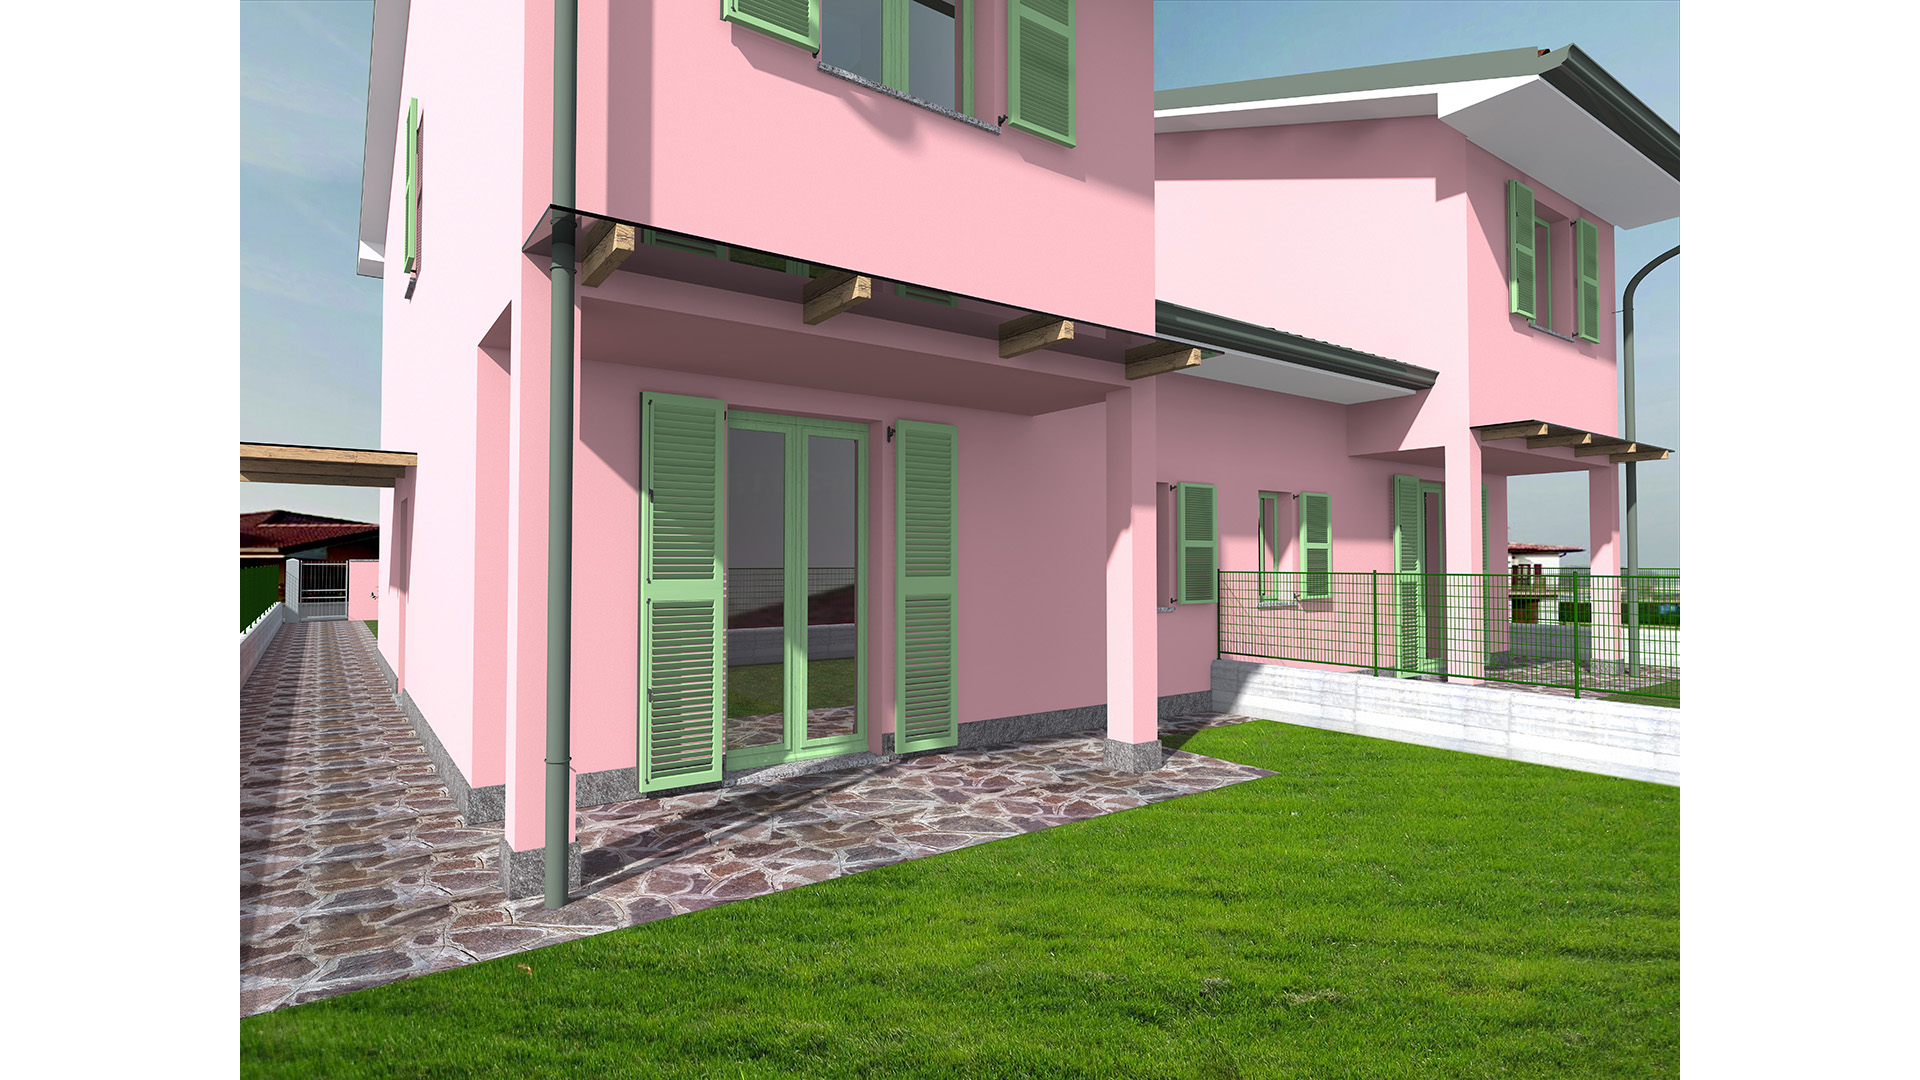 Villette unifamiliari nuova costruzione comune di for Case unifamiliari di nuova costruzione